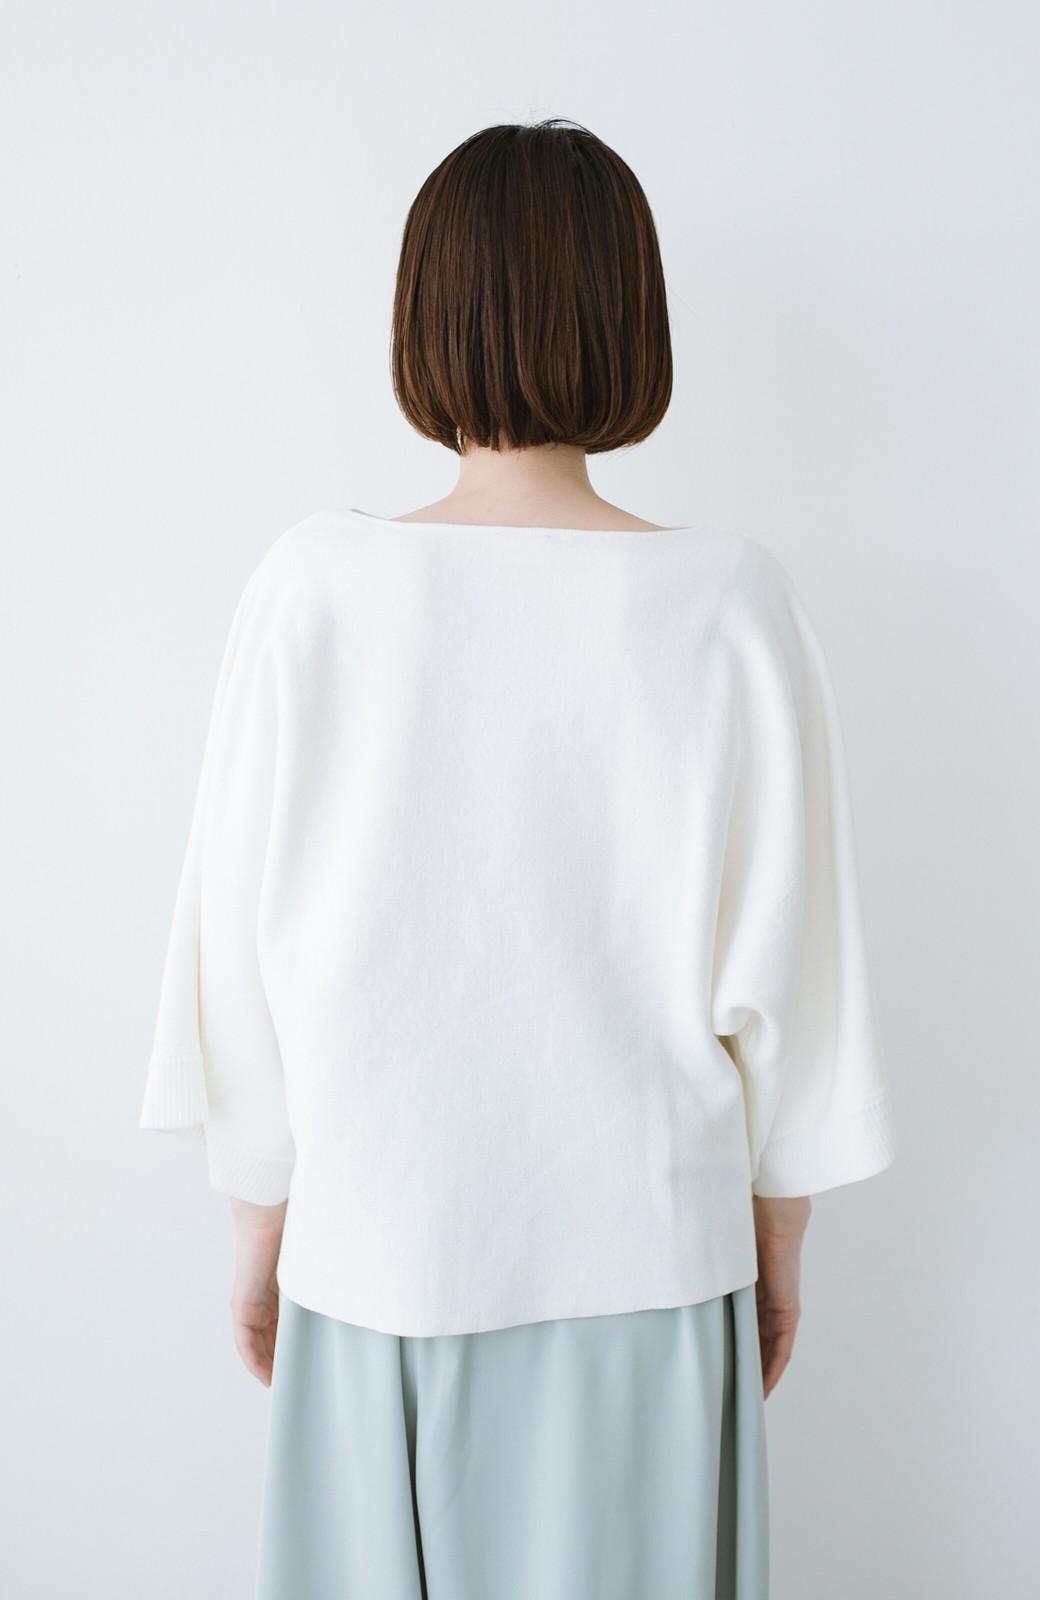 haco! 長ーーい季節着られてきちんとみせてくれる 便利なミラノリブニット <ホワイト>の商品写真12